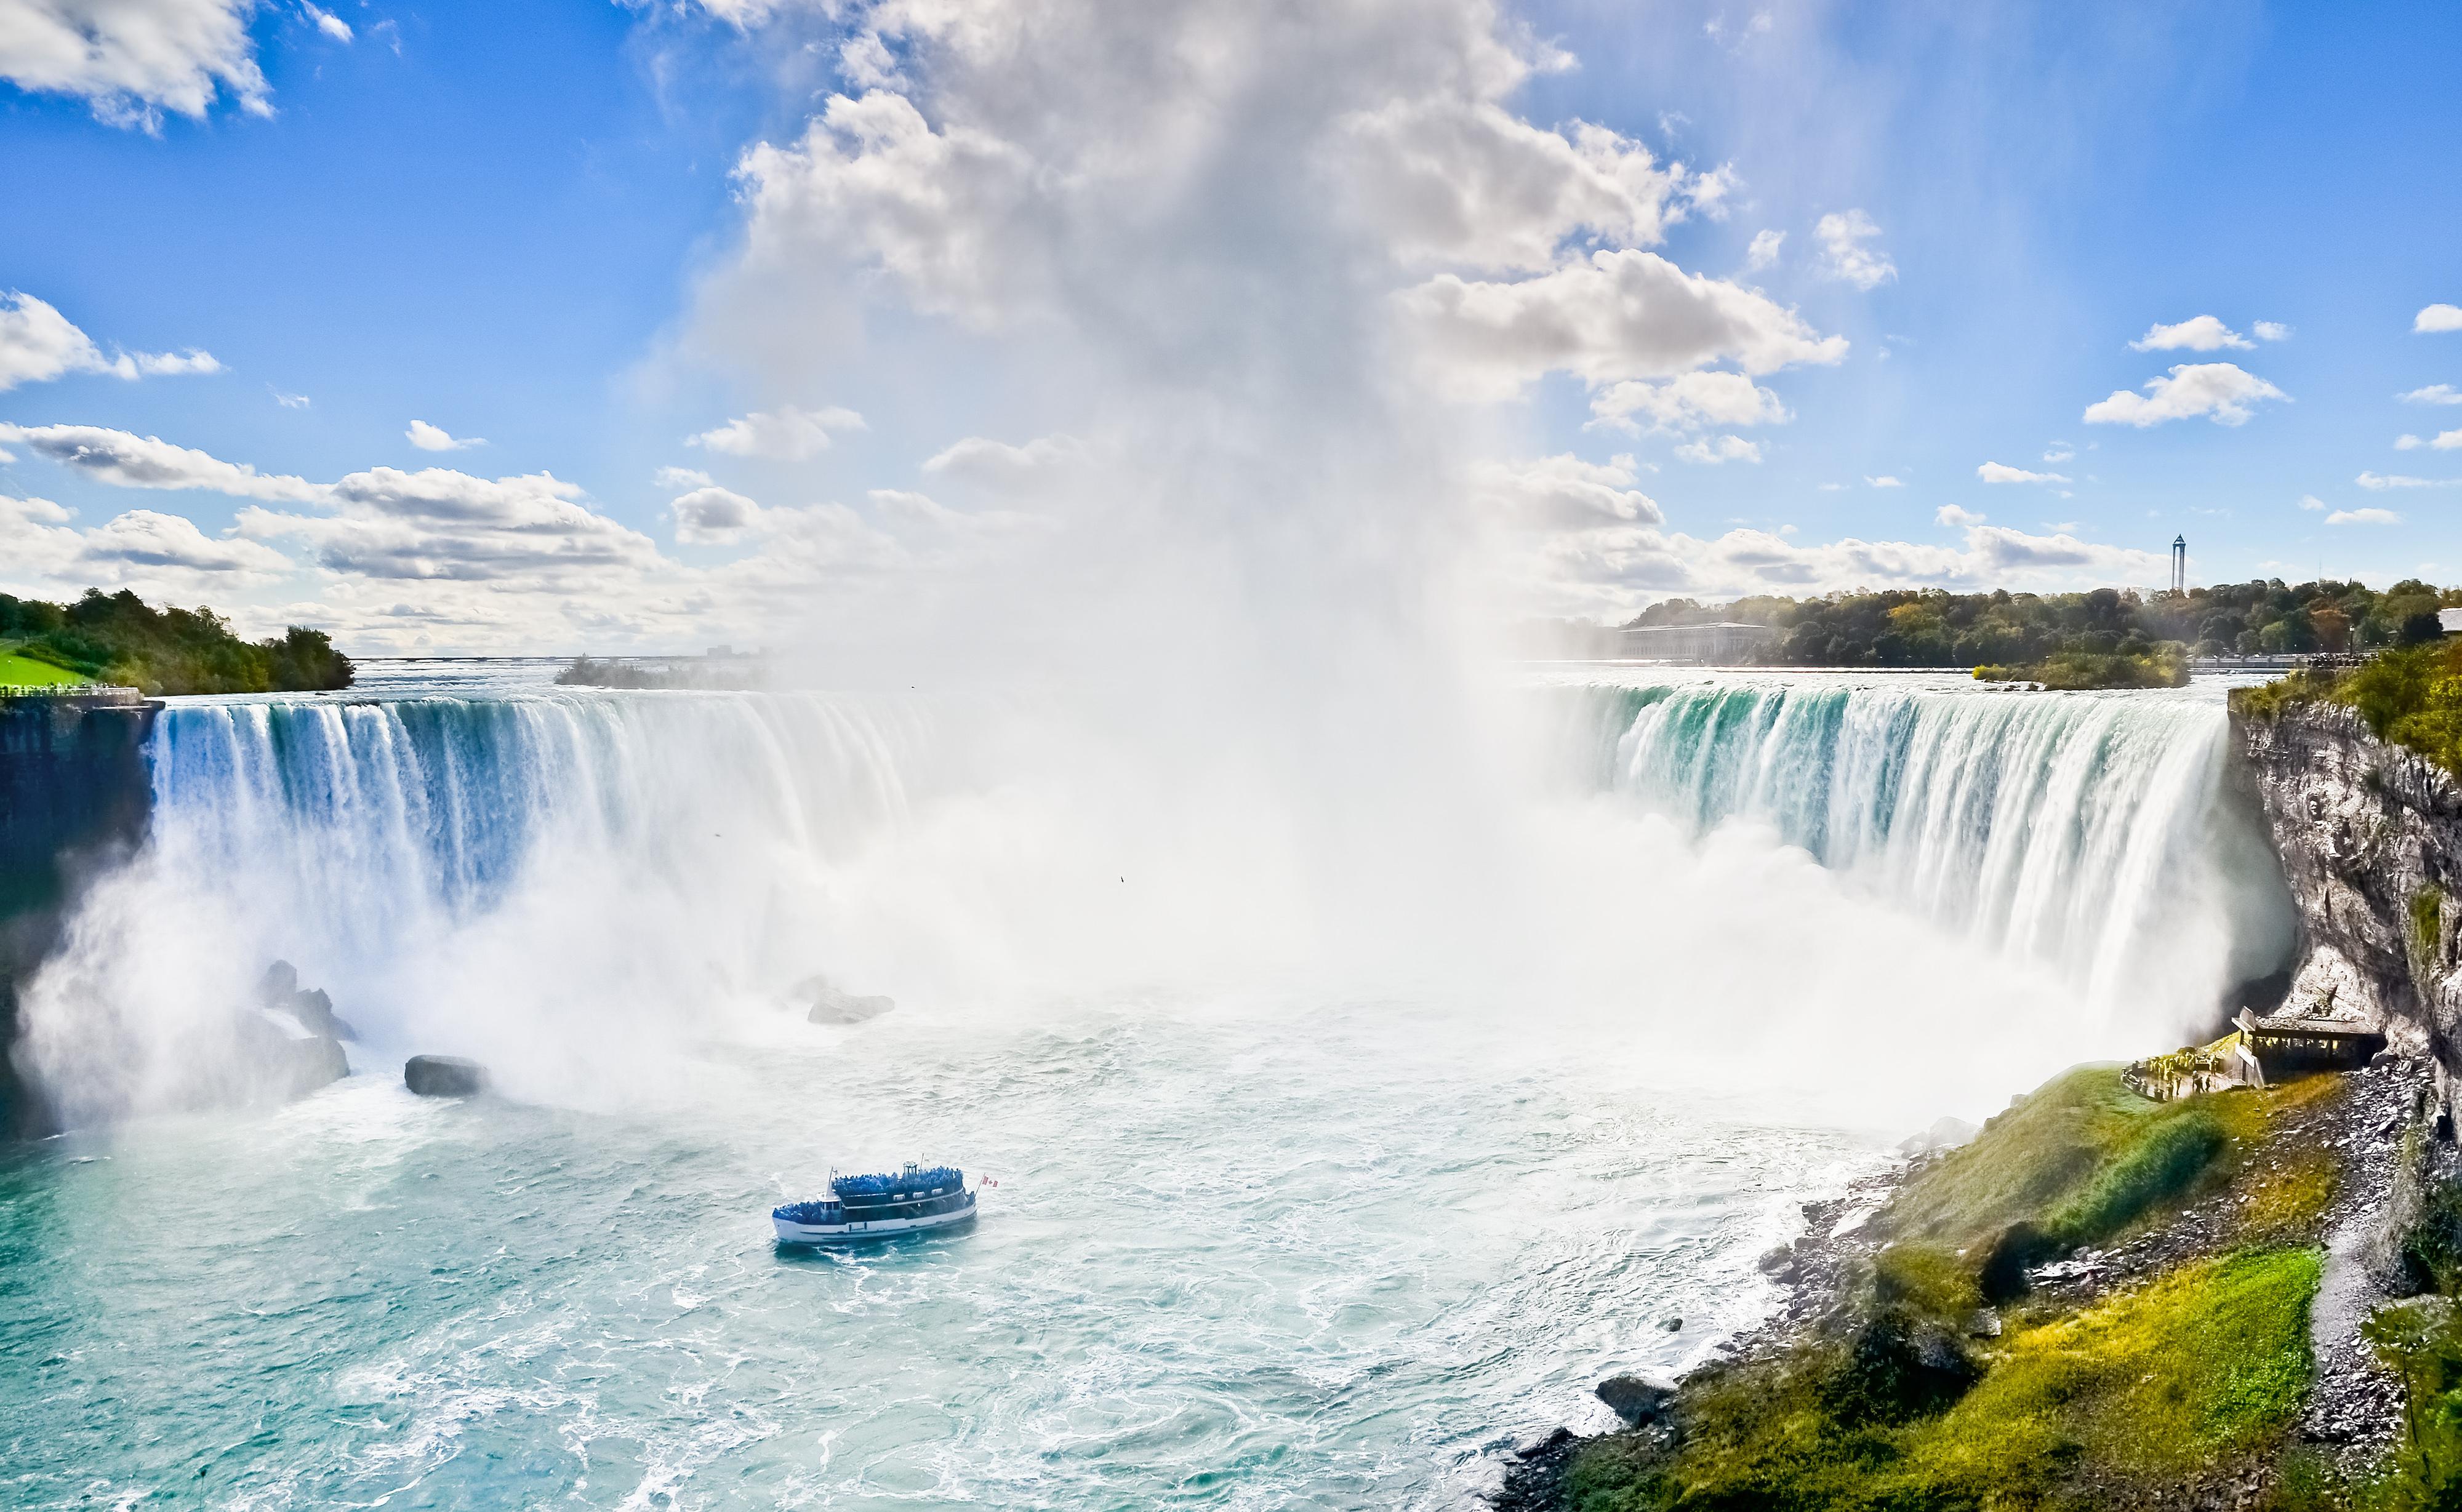 Niagara Falls Ontario Campground Niagara Falls Koa